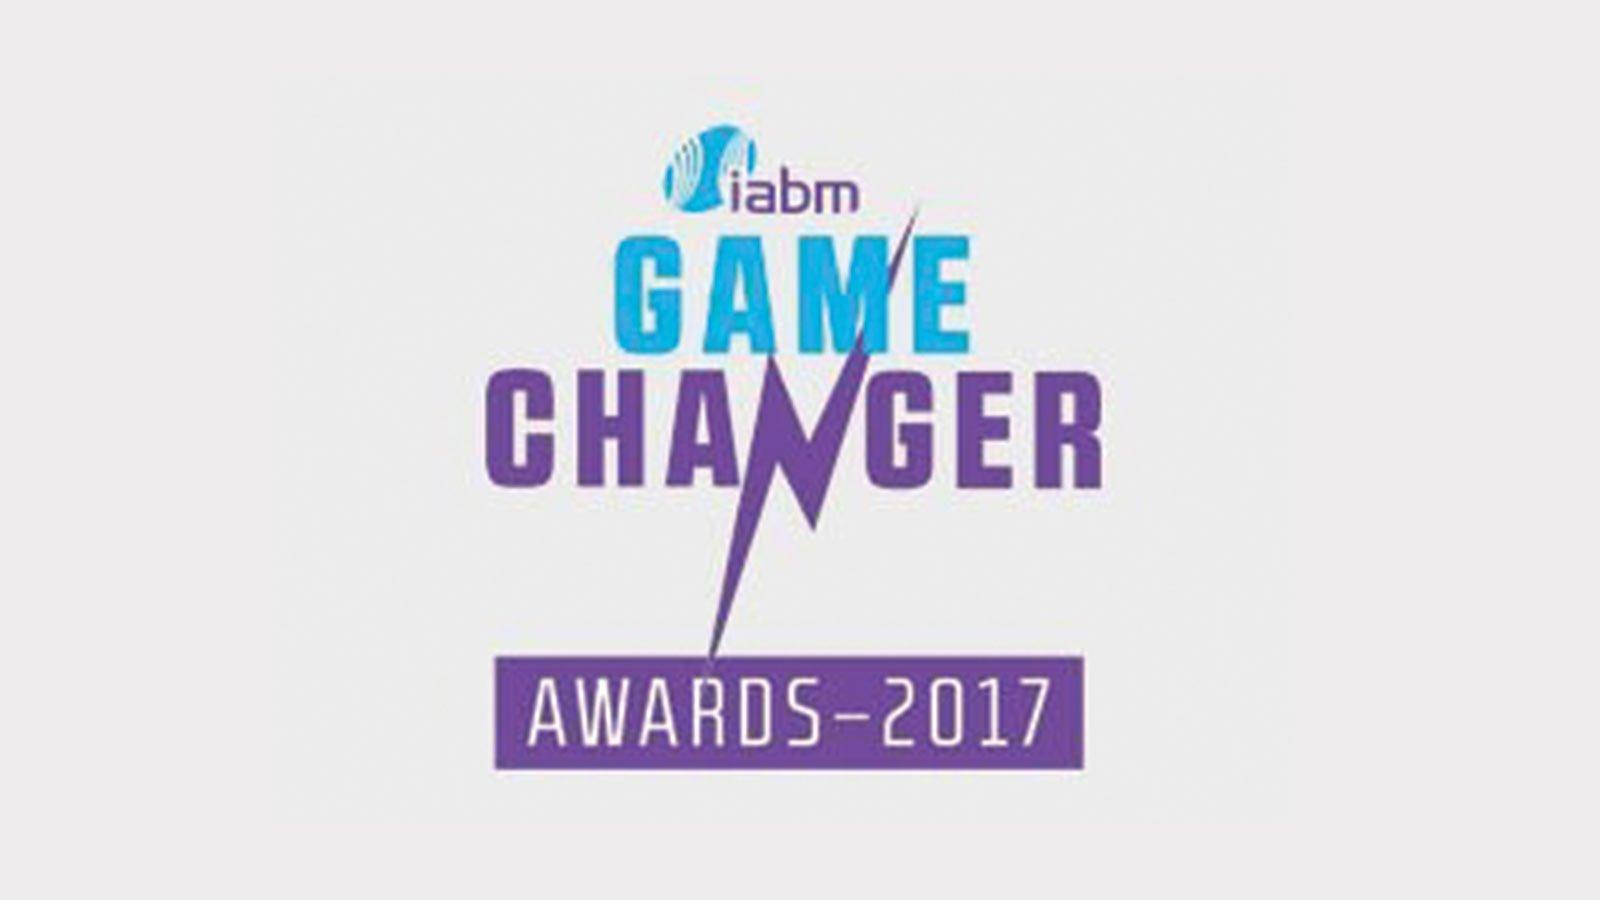 iabm game changer awards